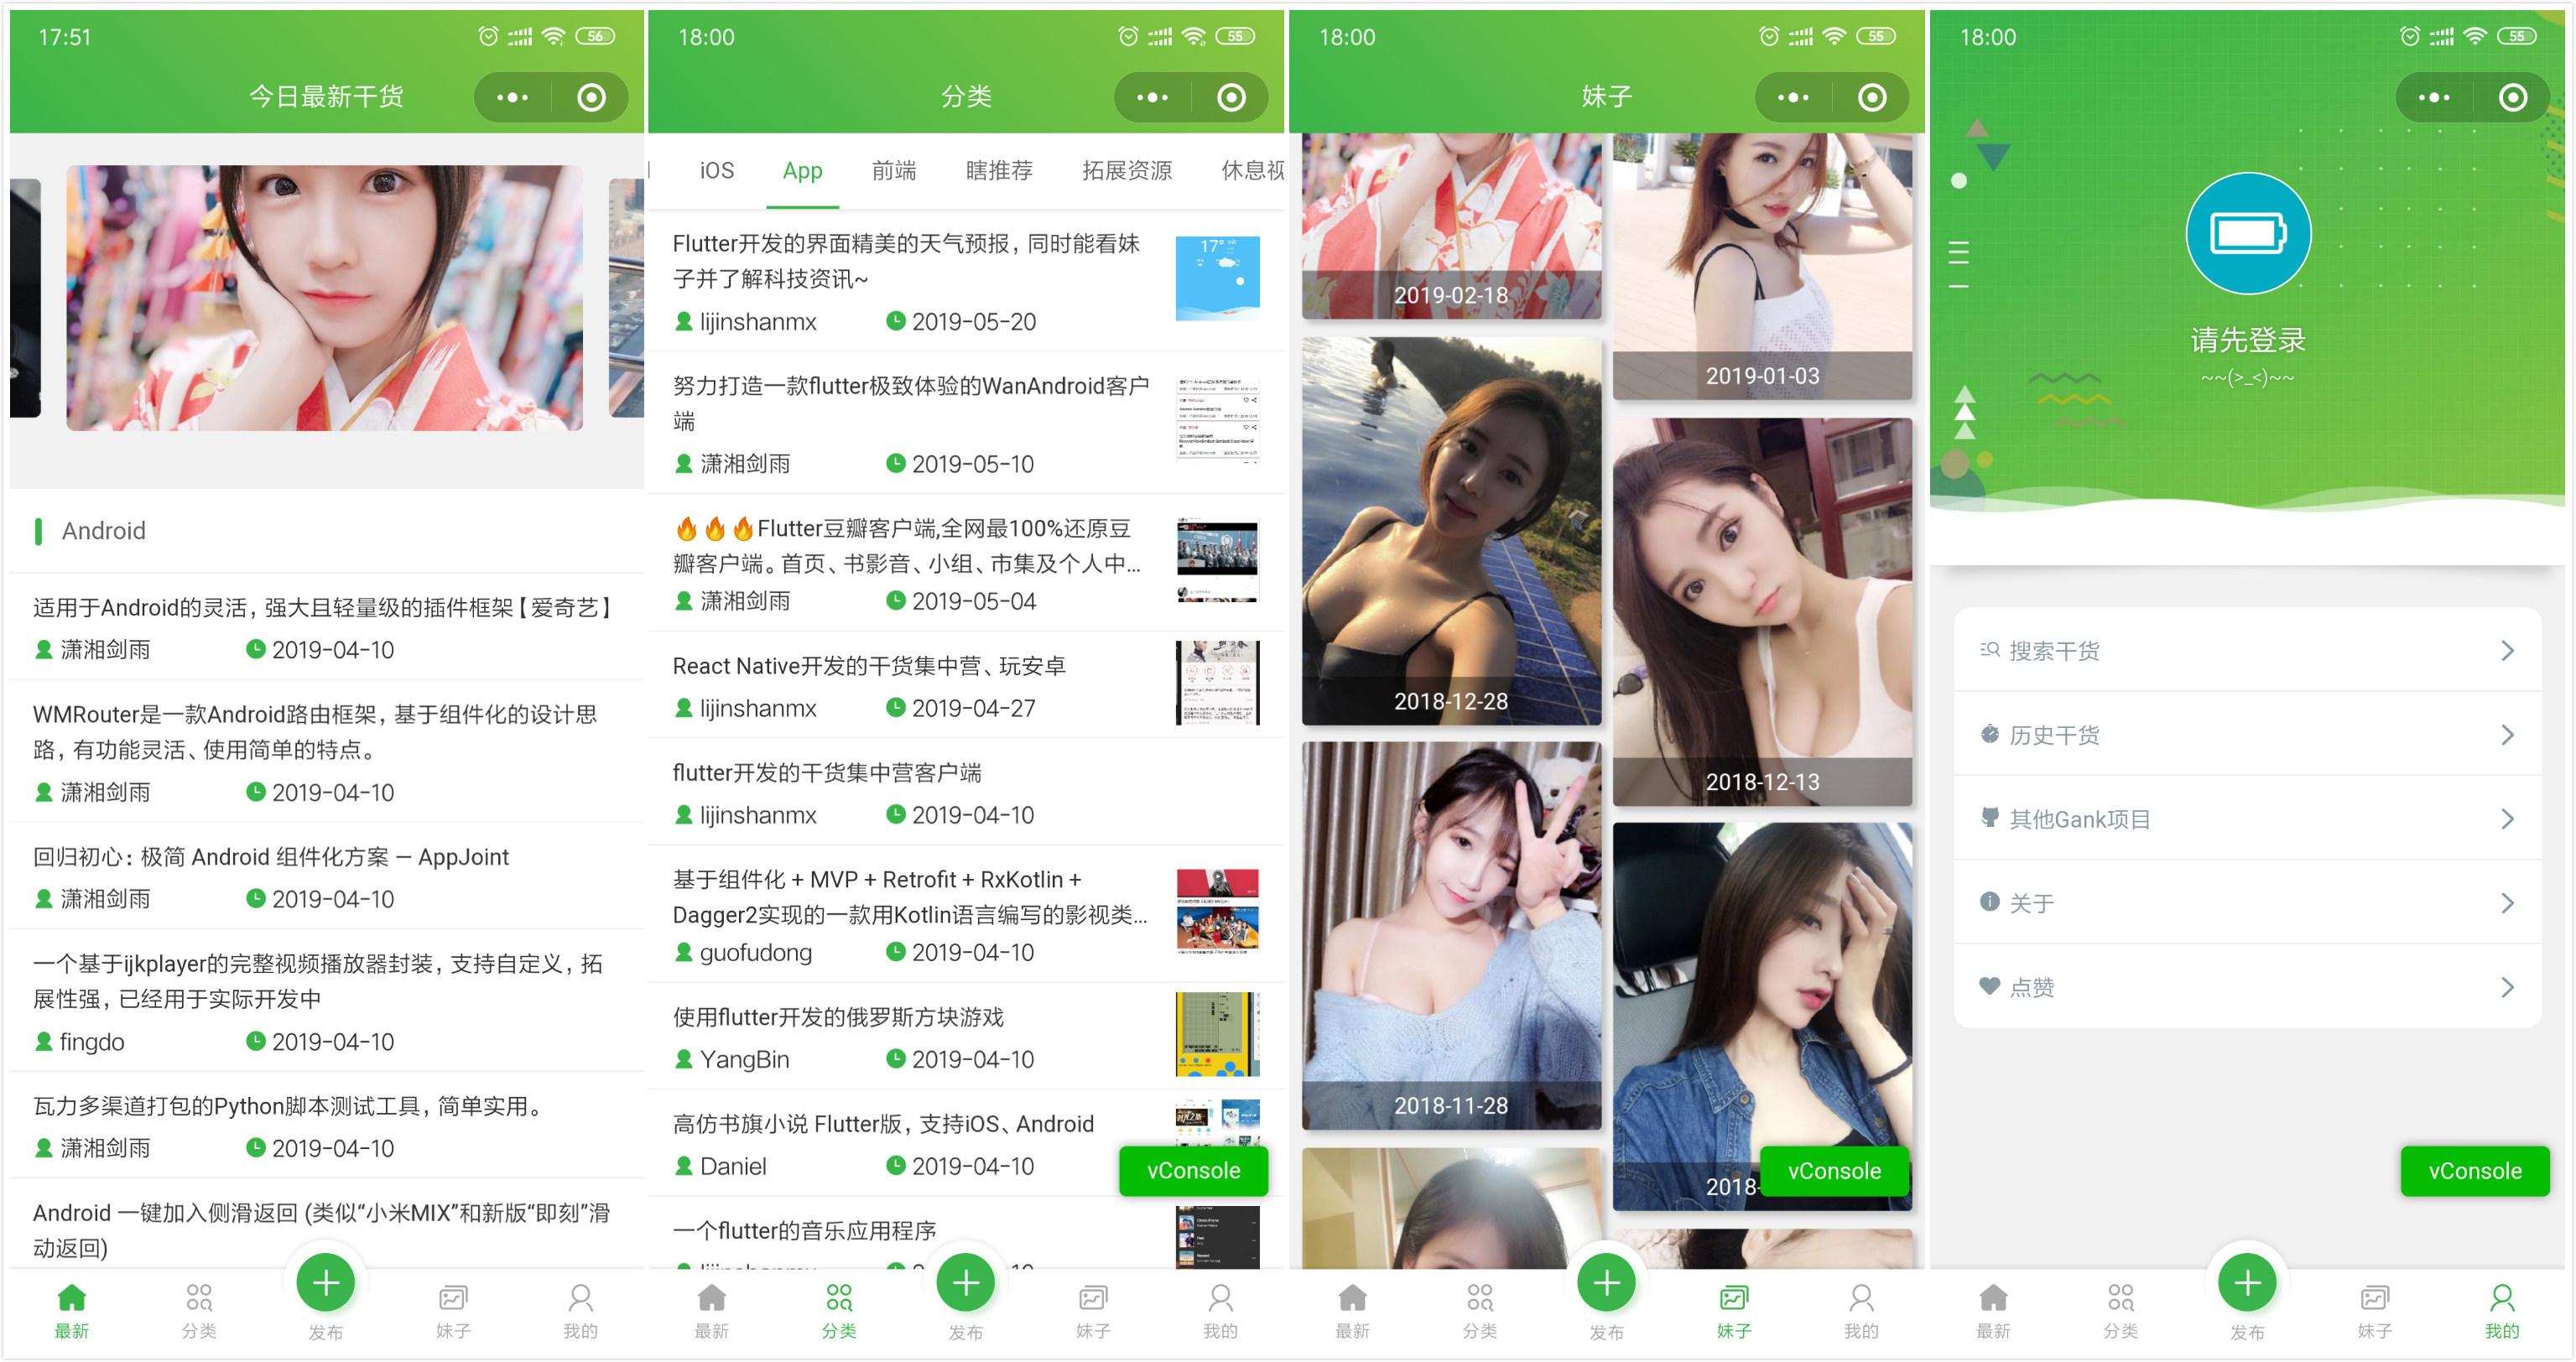 基于GankApi和uni-app框架的跨平台Gank用户端